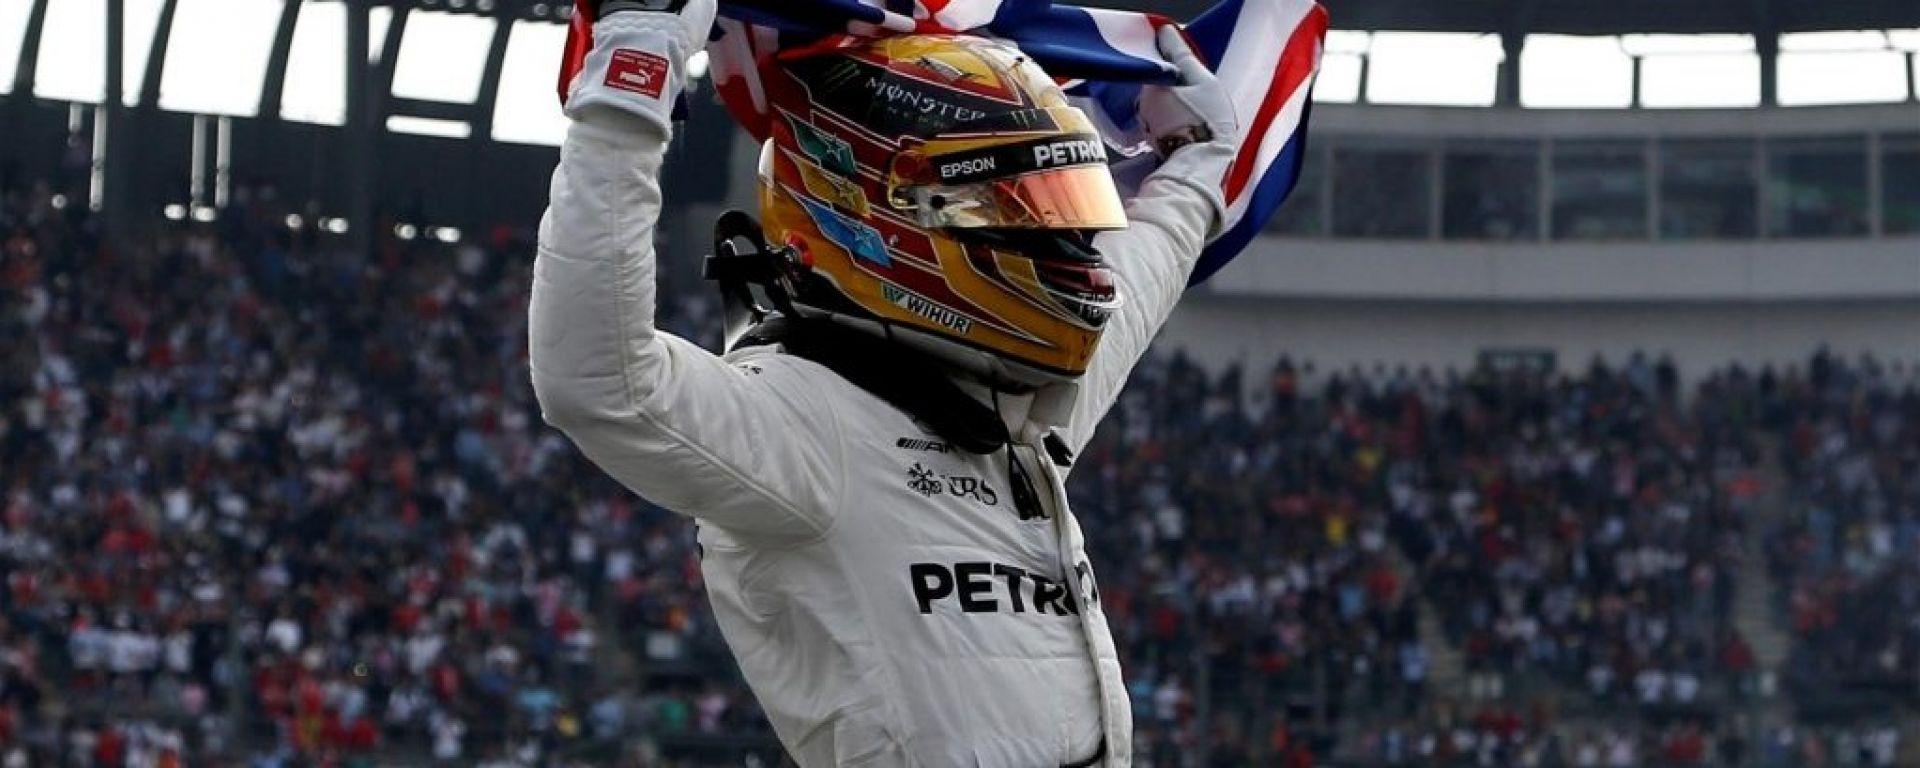 F1 2017 GP Messico